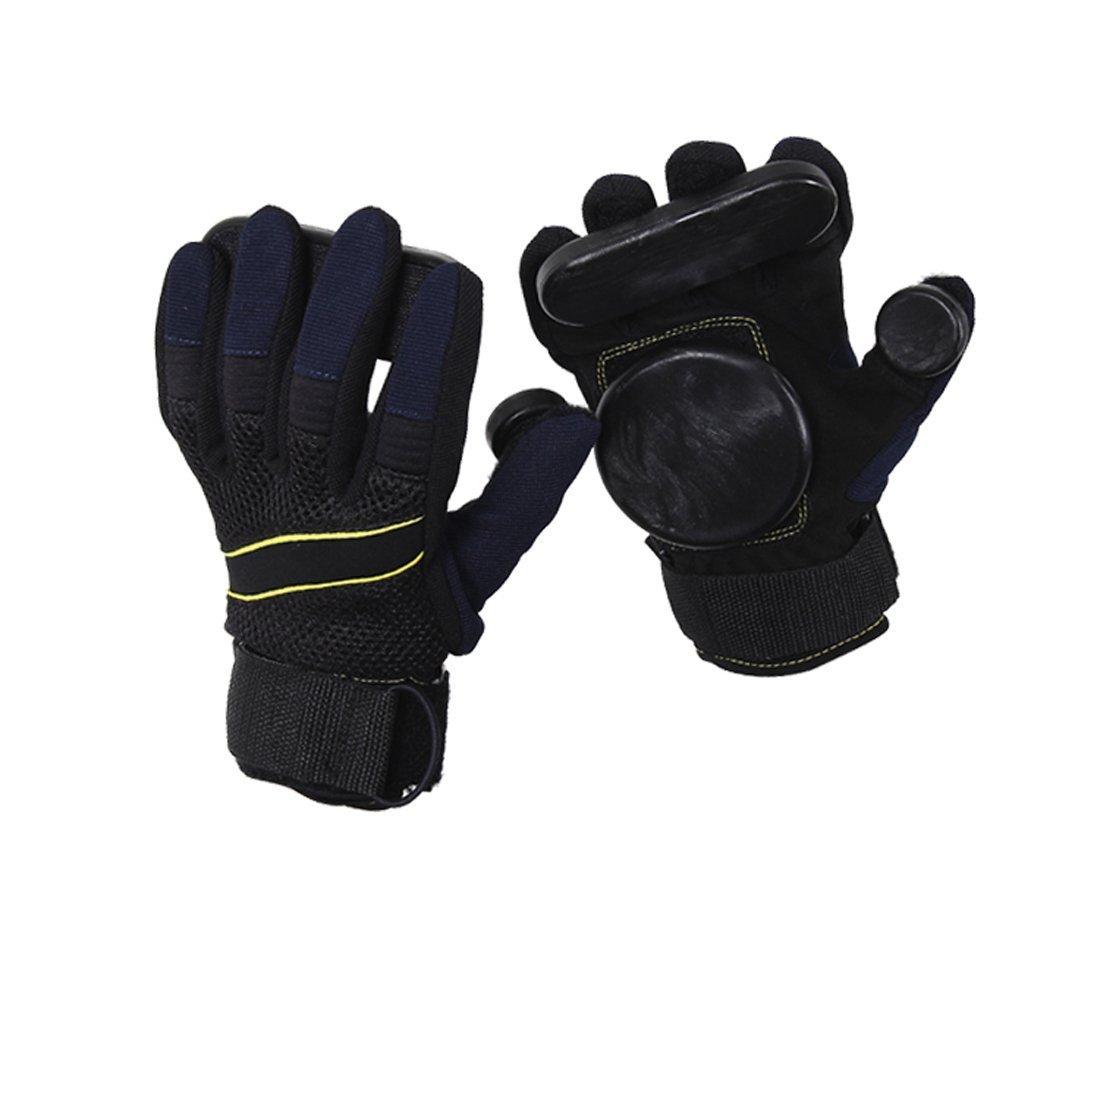 glield Erwachsene Handschuhe von Dias, Grip Freeride Slid Handschuhe Rollen mit Schaumstoff Palm cbst01